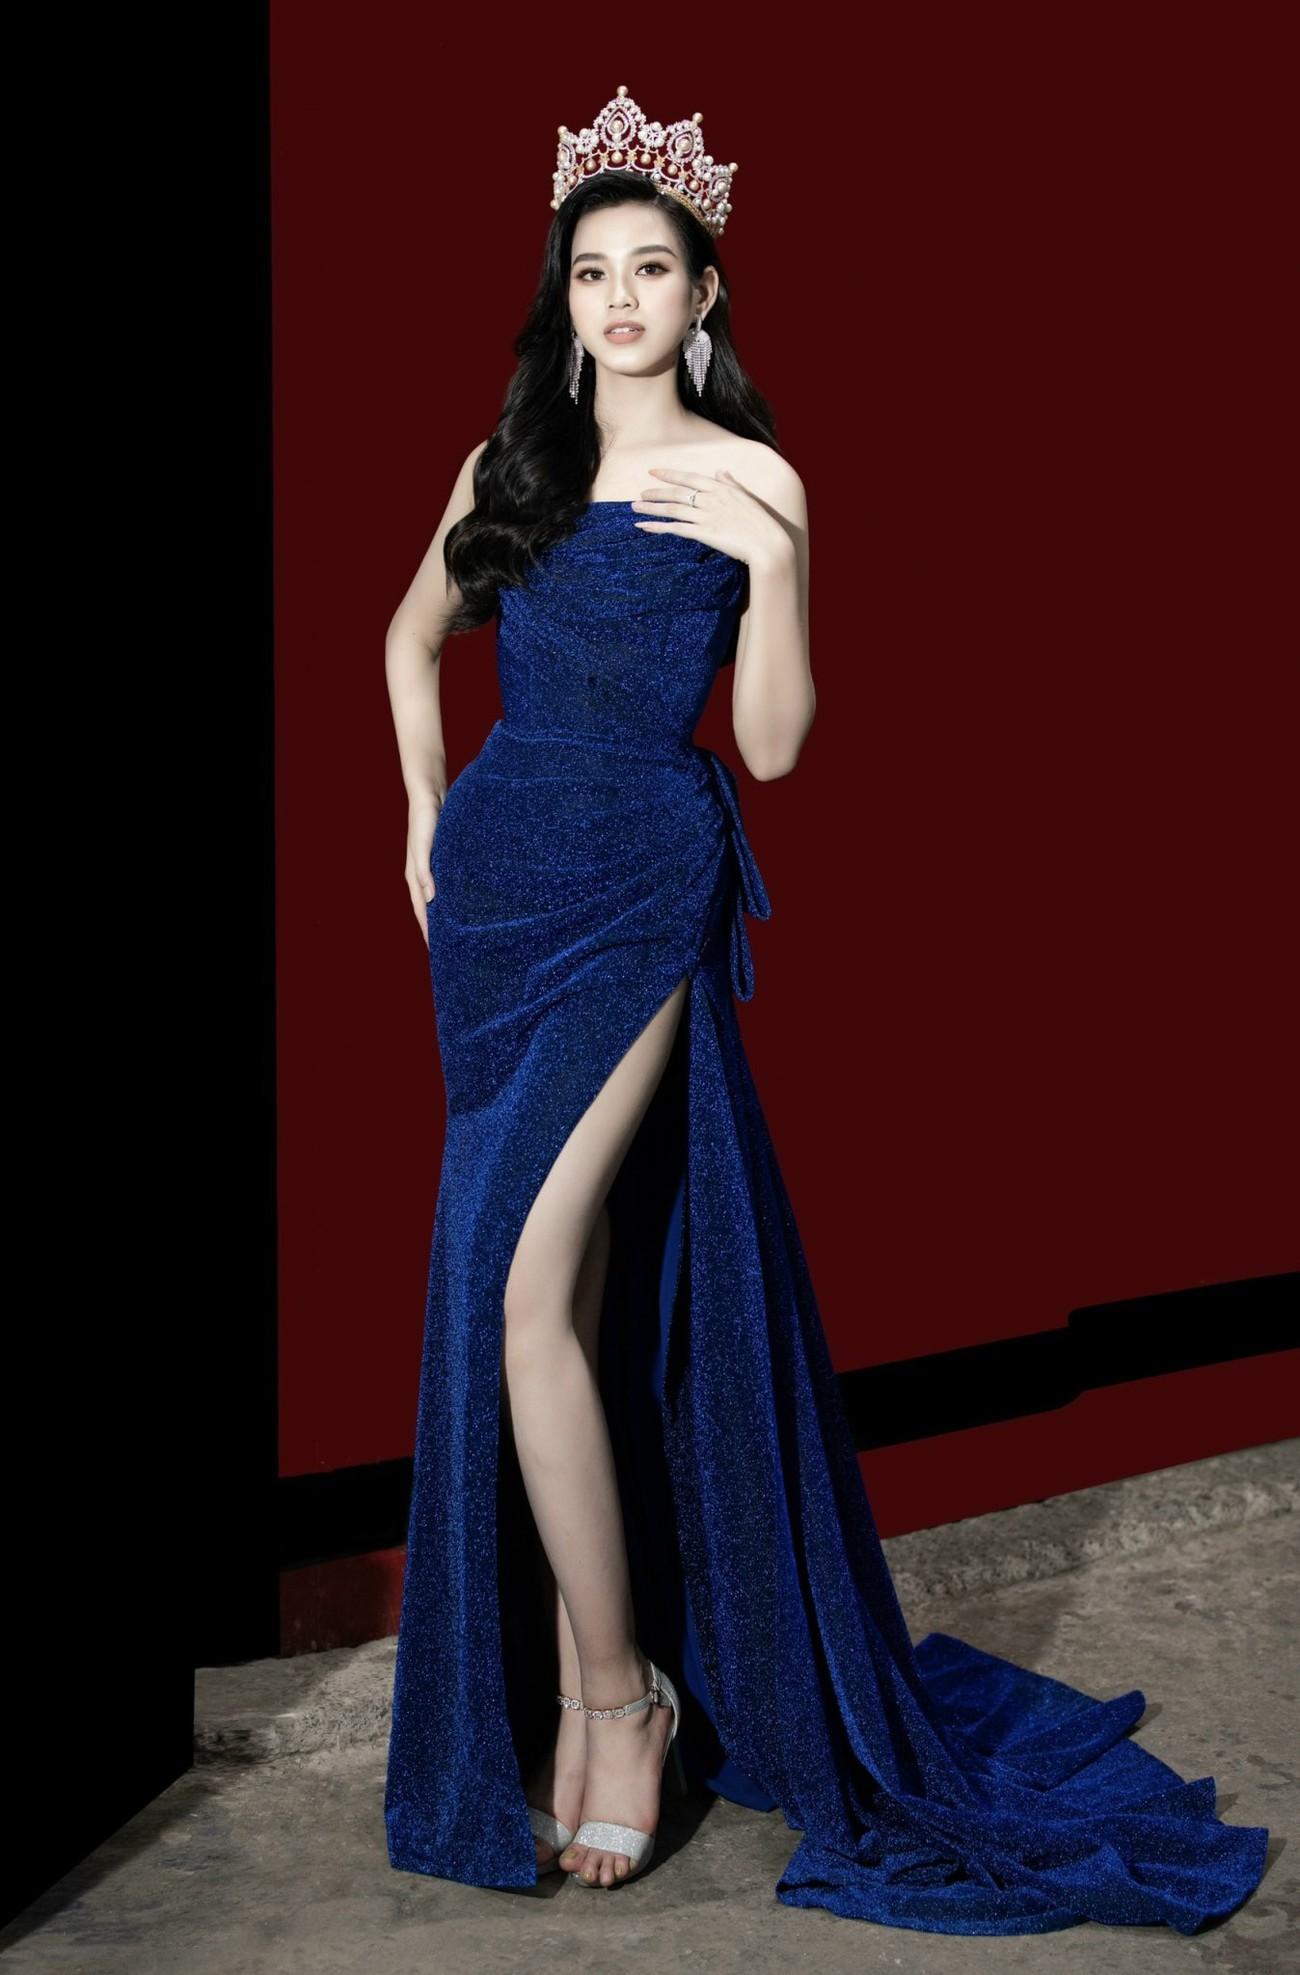 Hoa hậu Đỗ Thị Hà diện váy cúp ngực, xẻ cao khoe đôi chân 'cực phẩm' ảnh 4